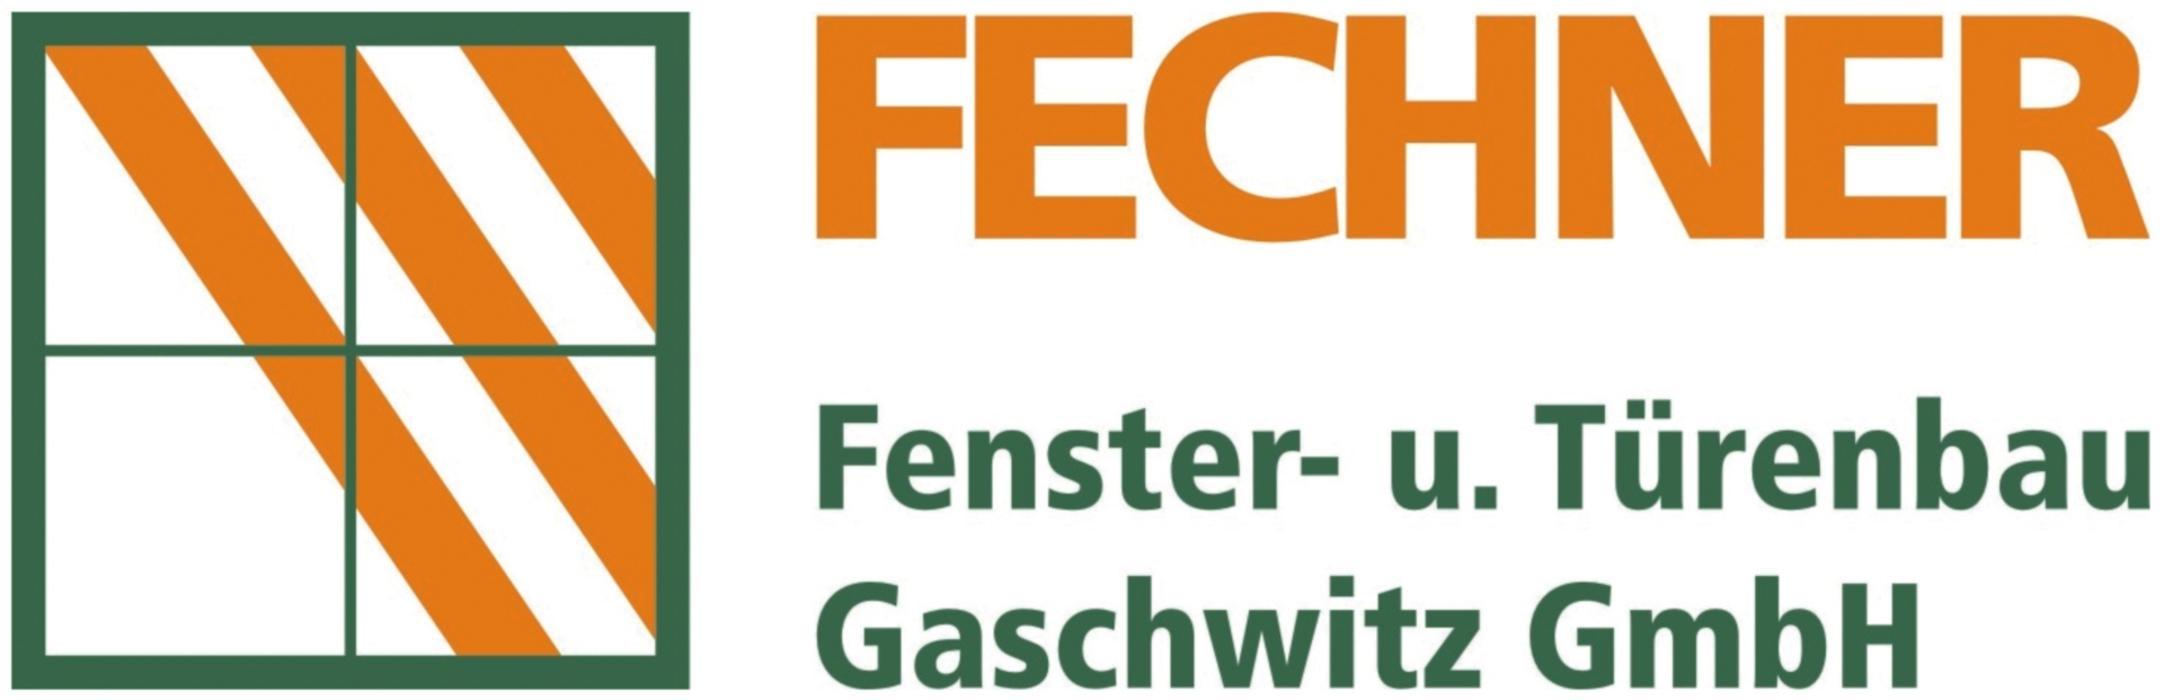 Logo von FECHNER Fenster- und Türenbau Gaschwitz GmbH